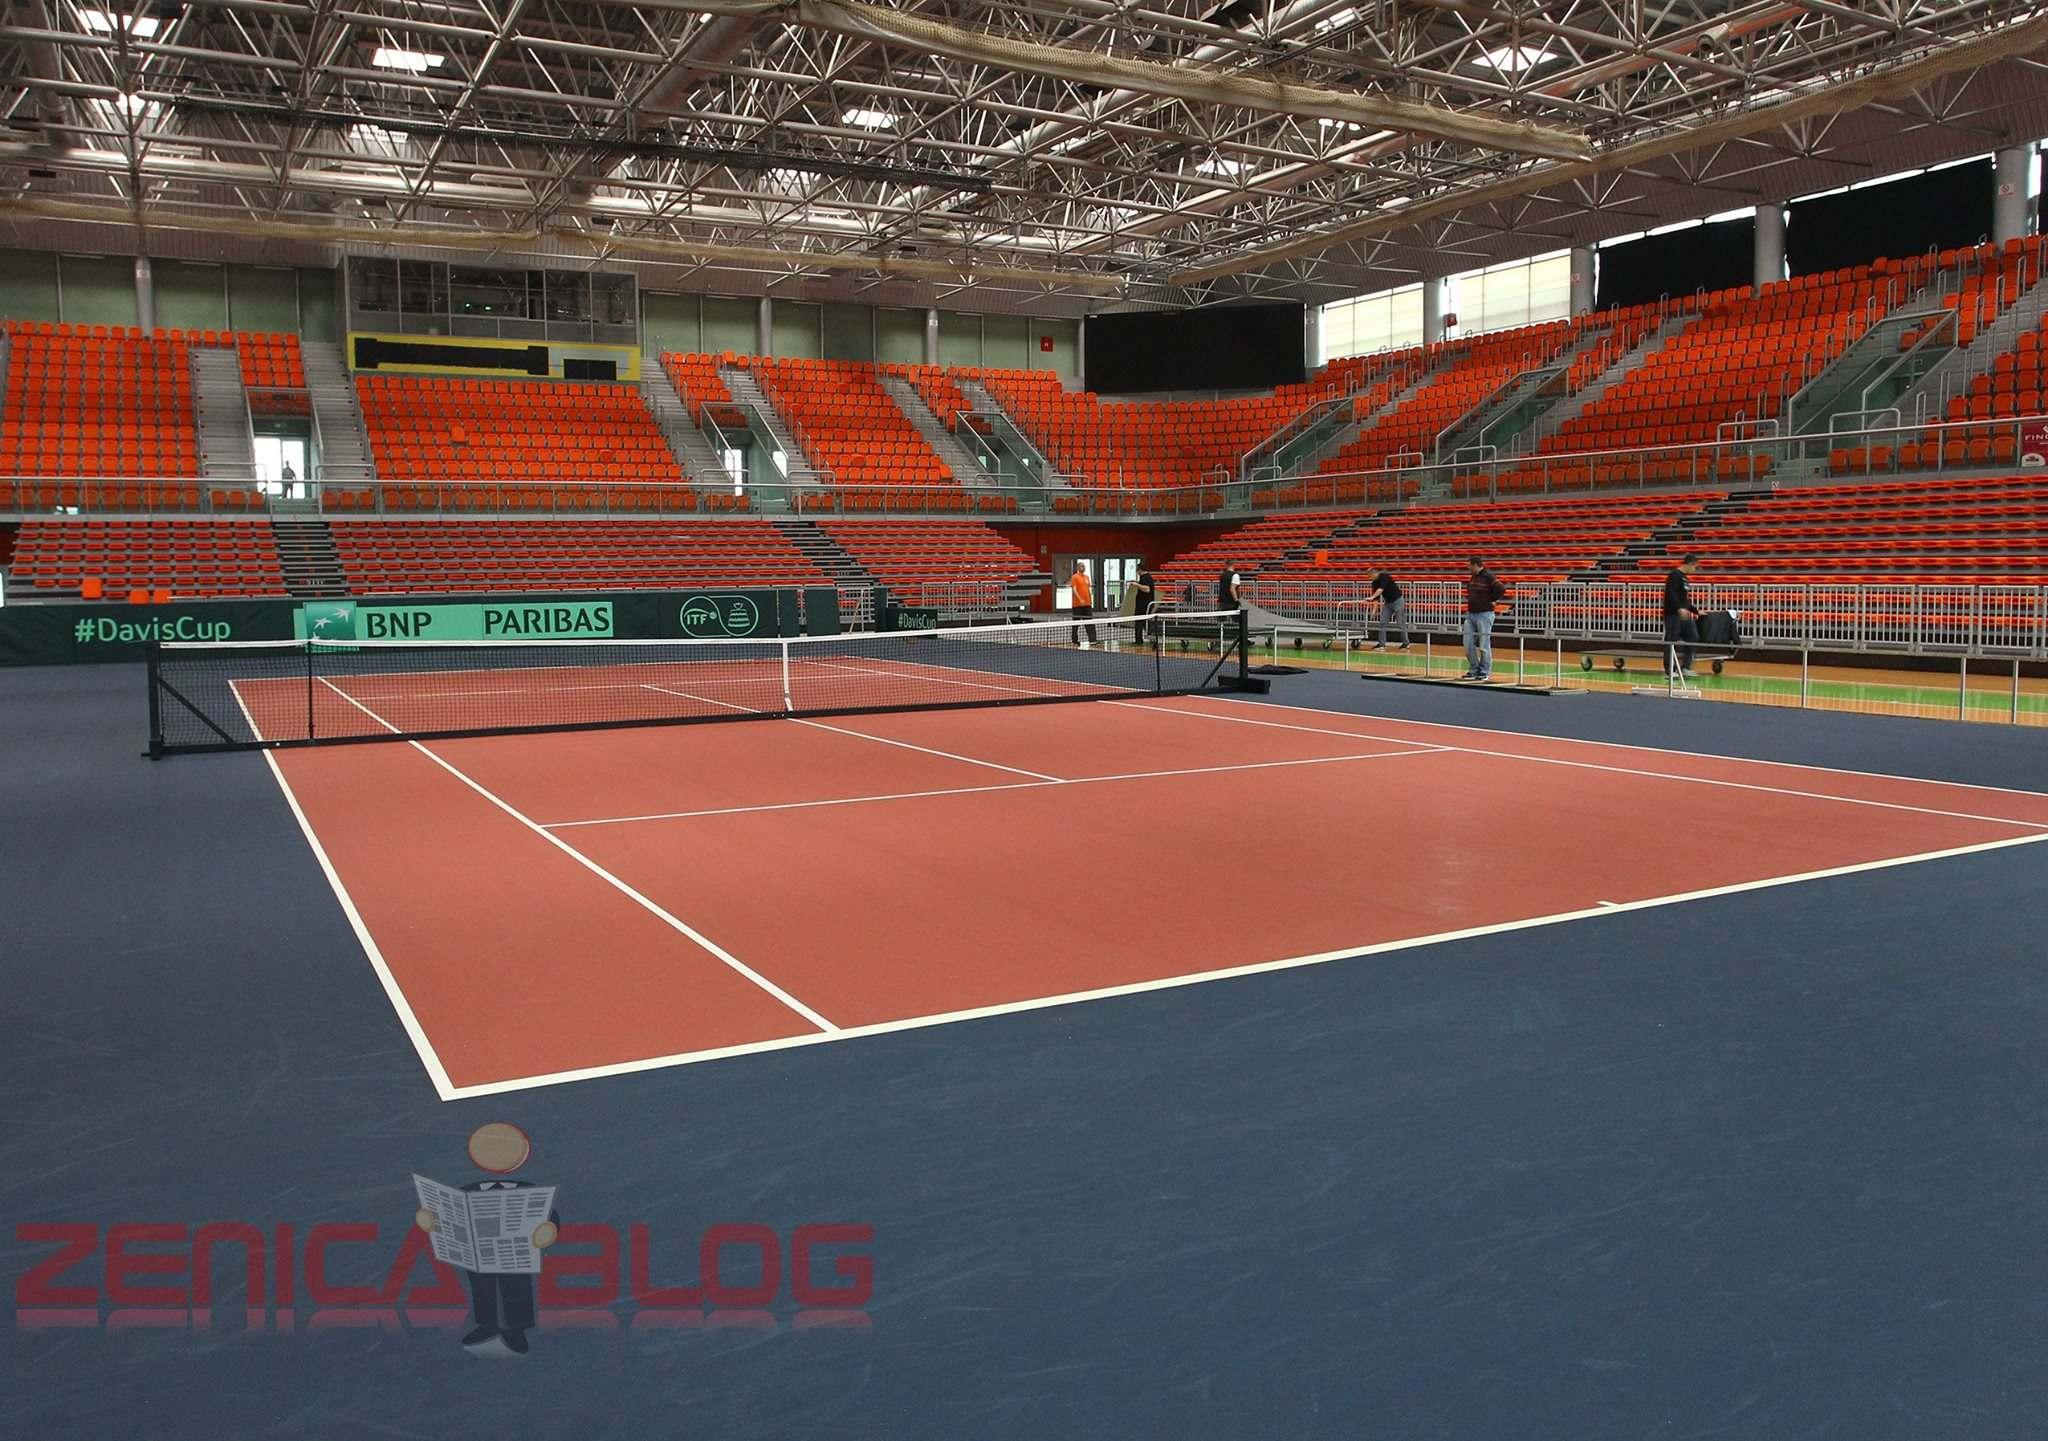 Prodaja ulaznica za Davis Cup